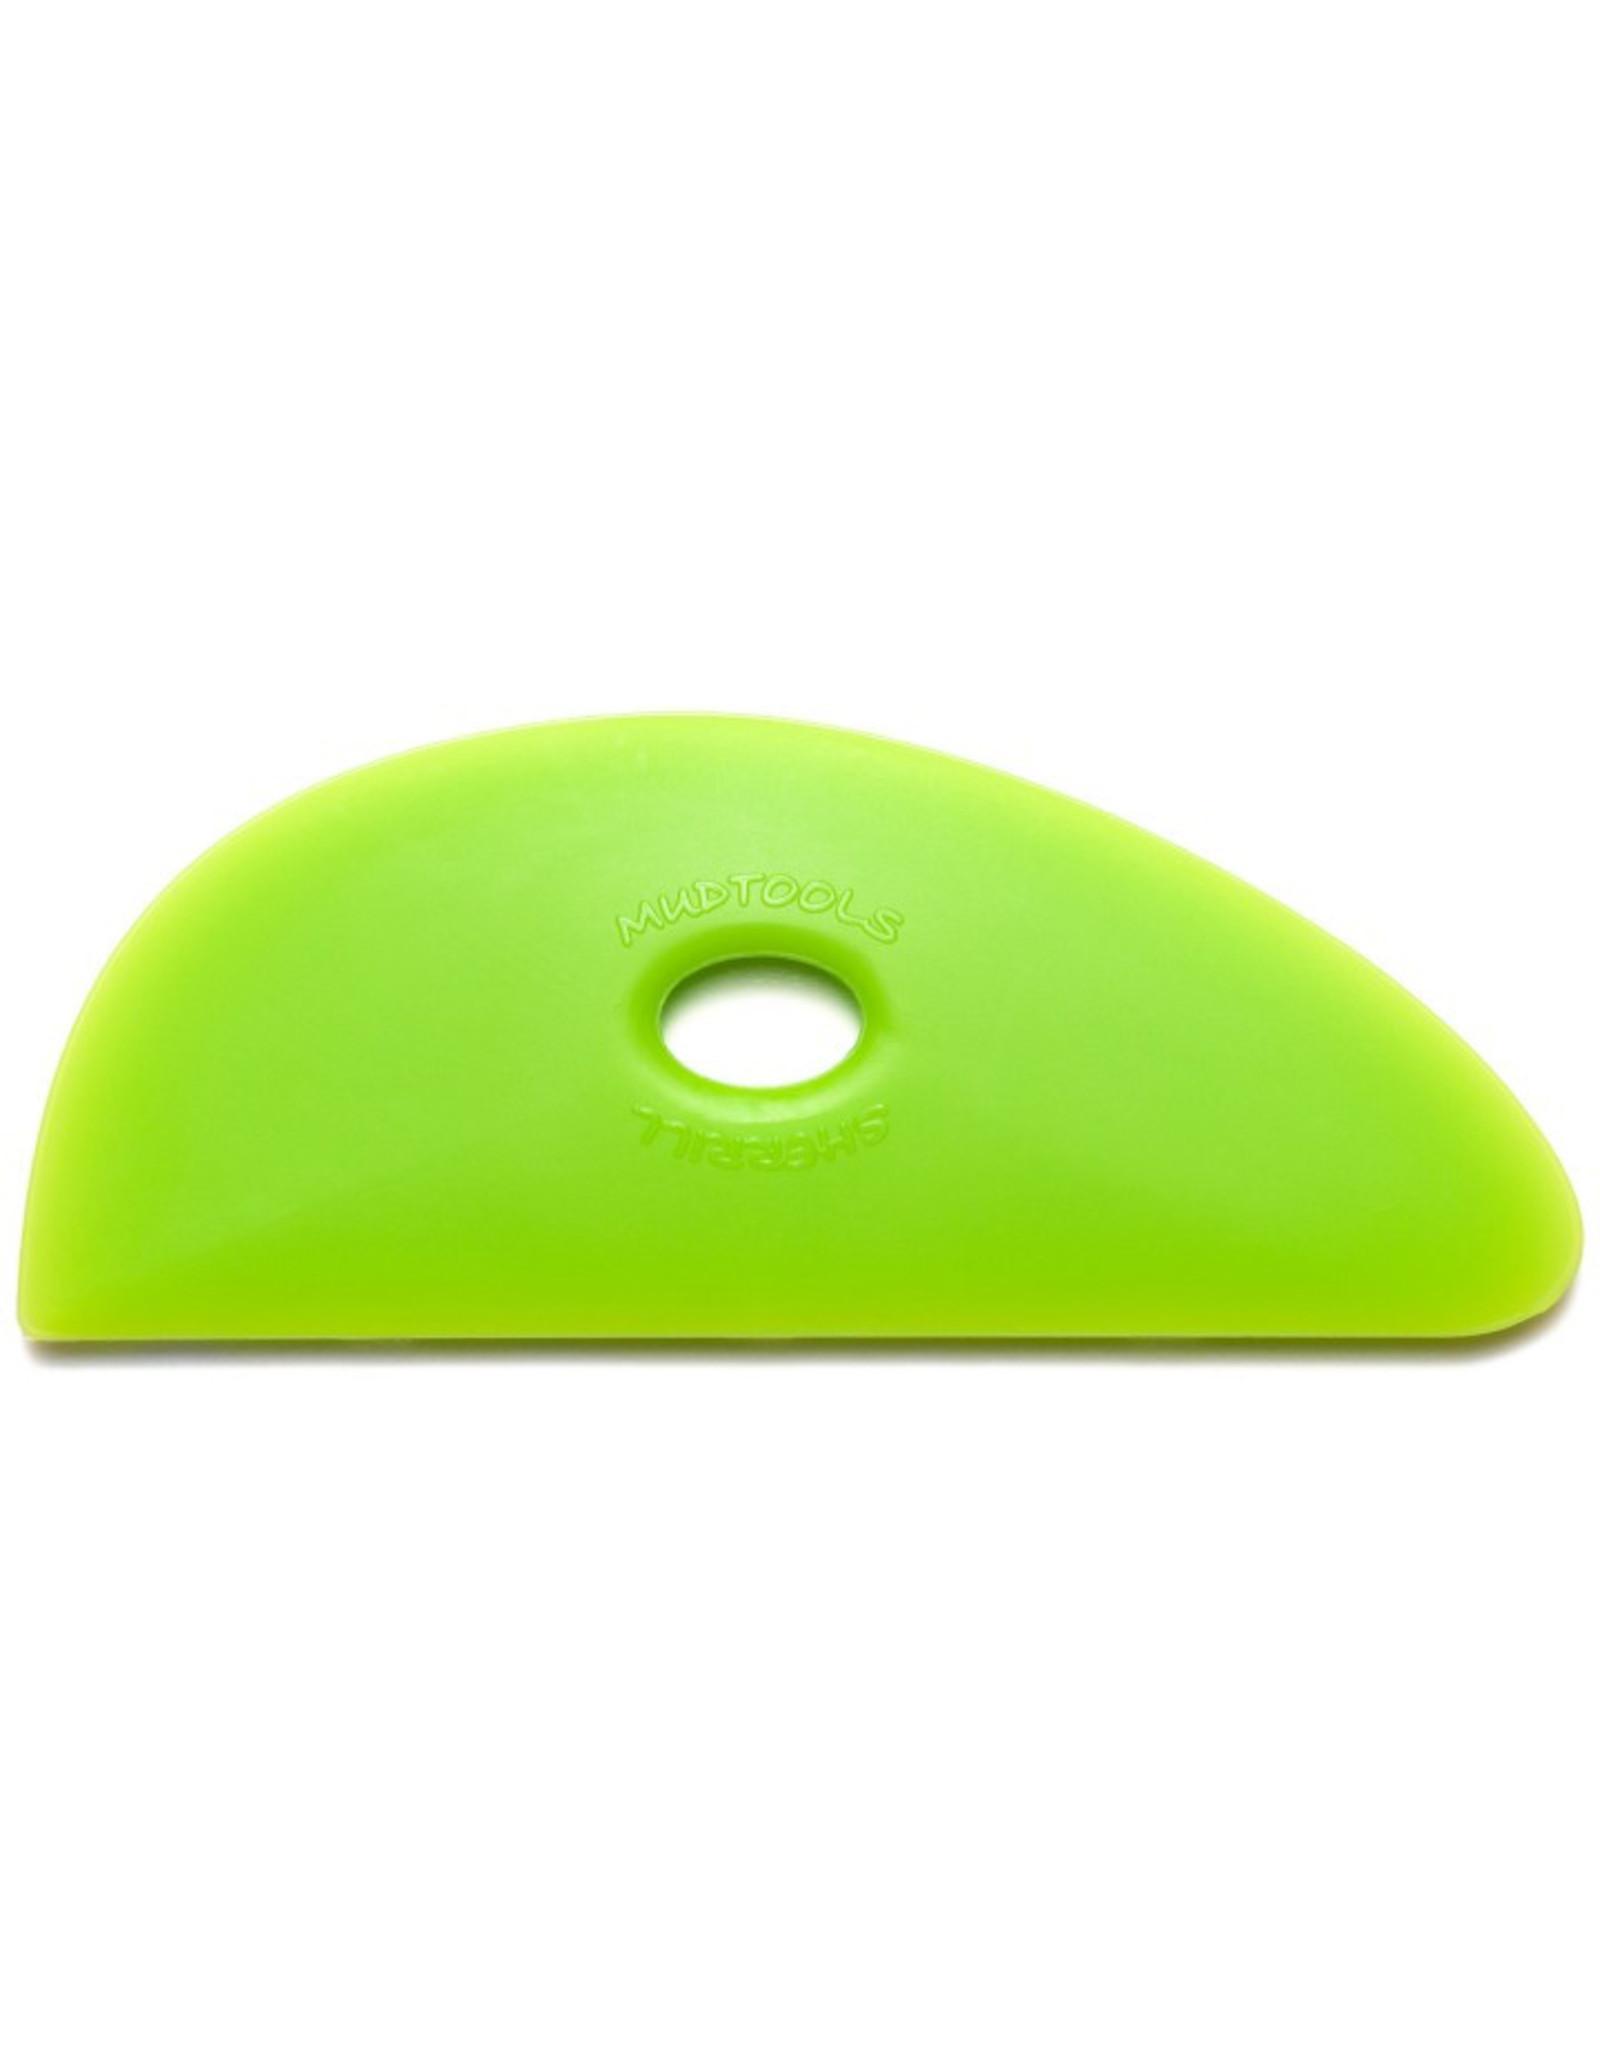 Mudtools Rib 3 (green)